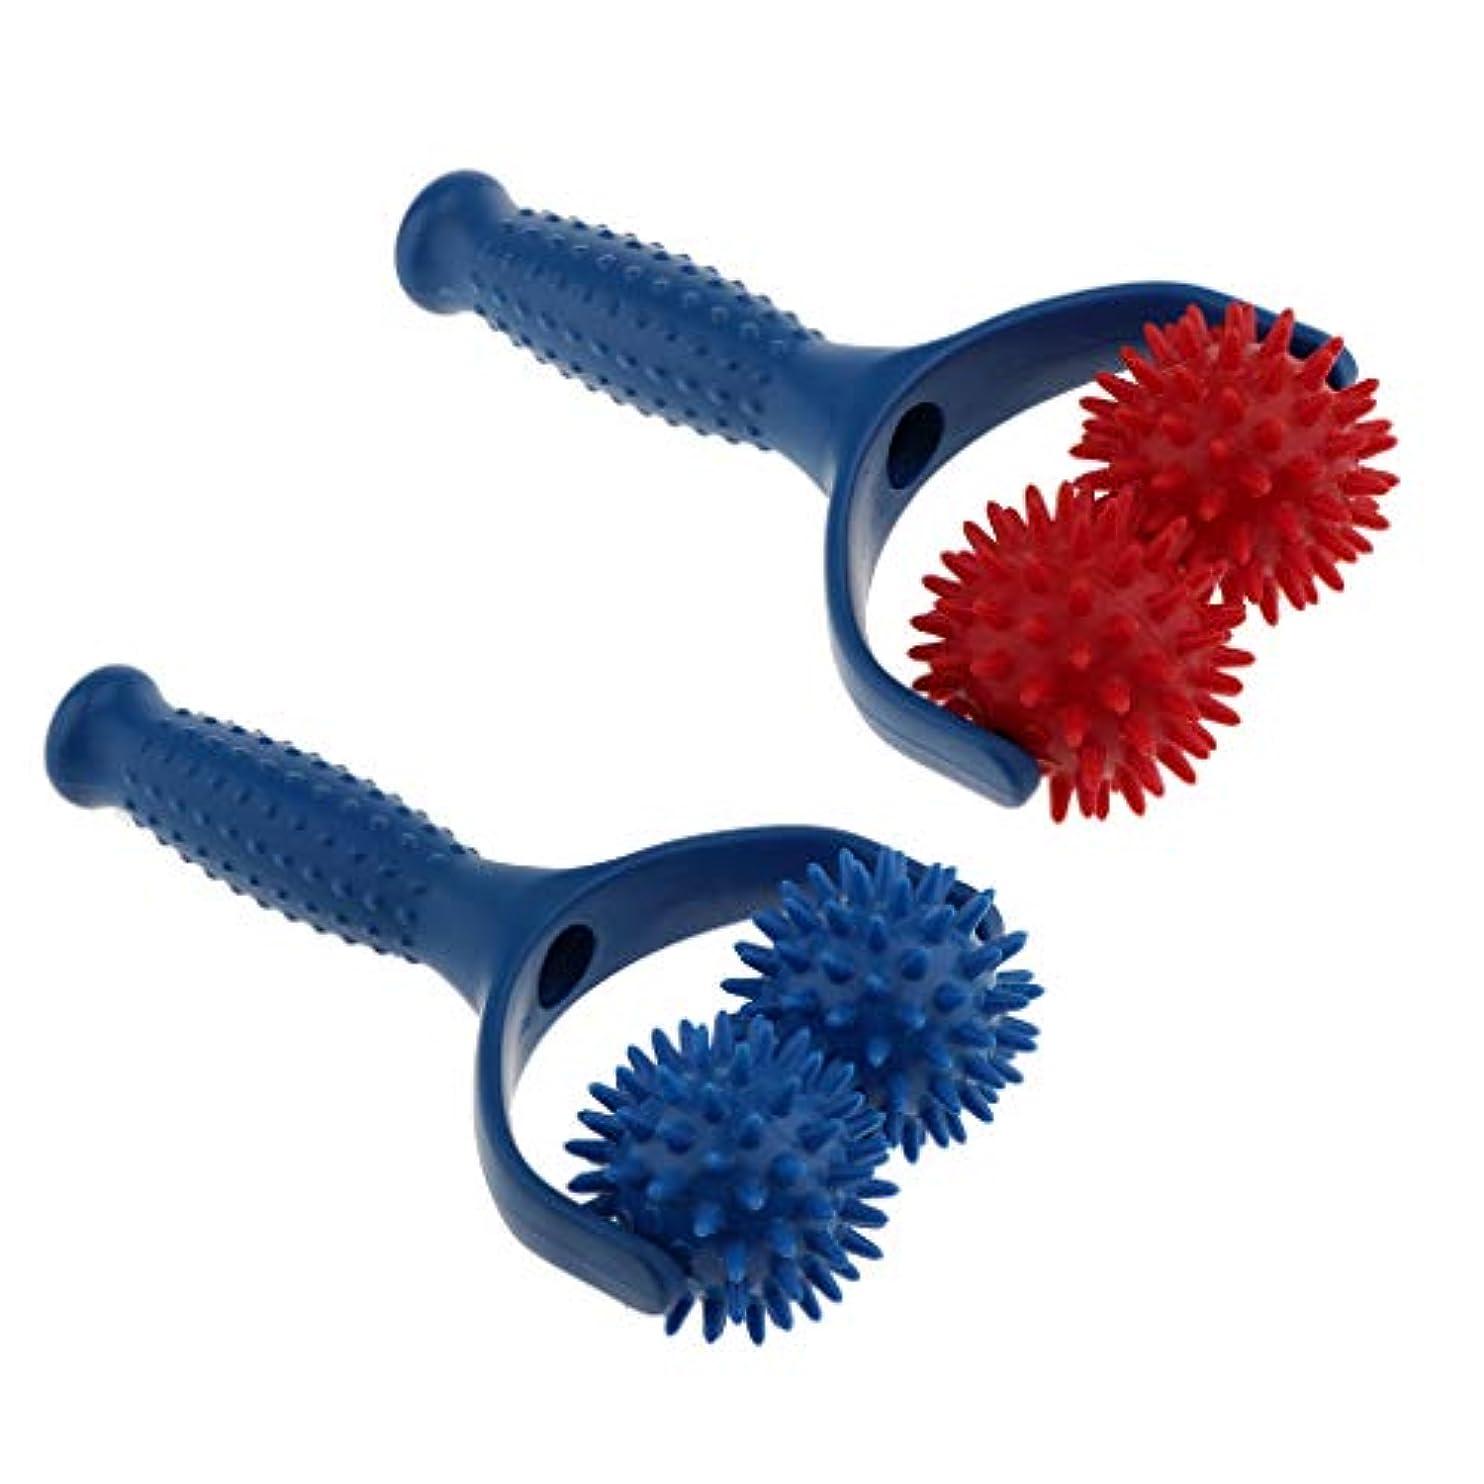 持つ見込み解明するマッサージボール ローラー ハンドヘルド 疲れ解消ボール 筋膜リリース 首/肩/背中 全身用 2個入